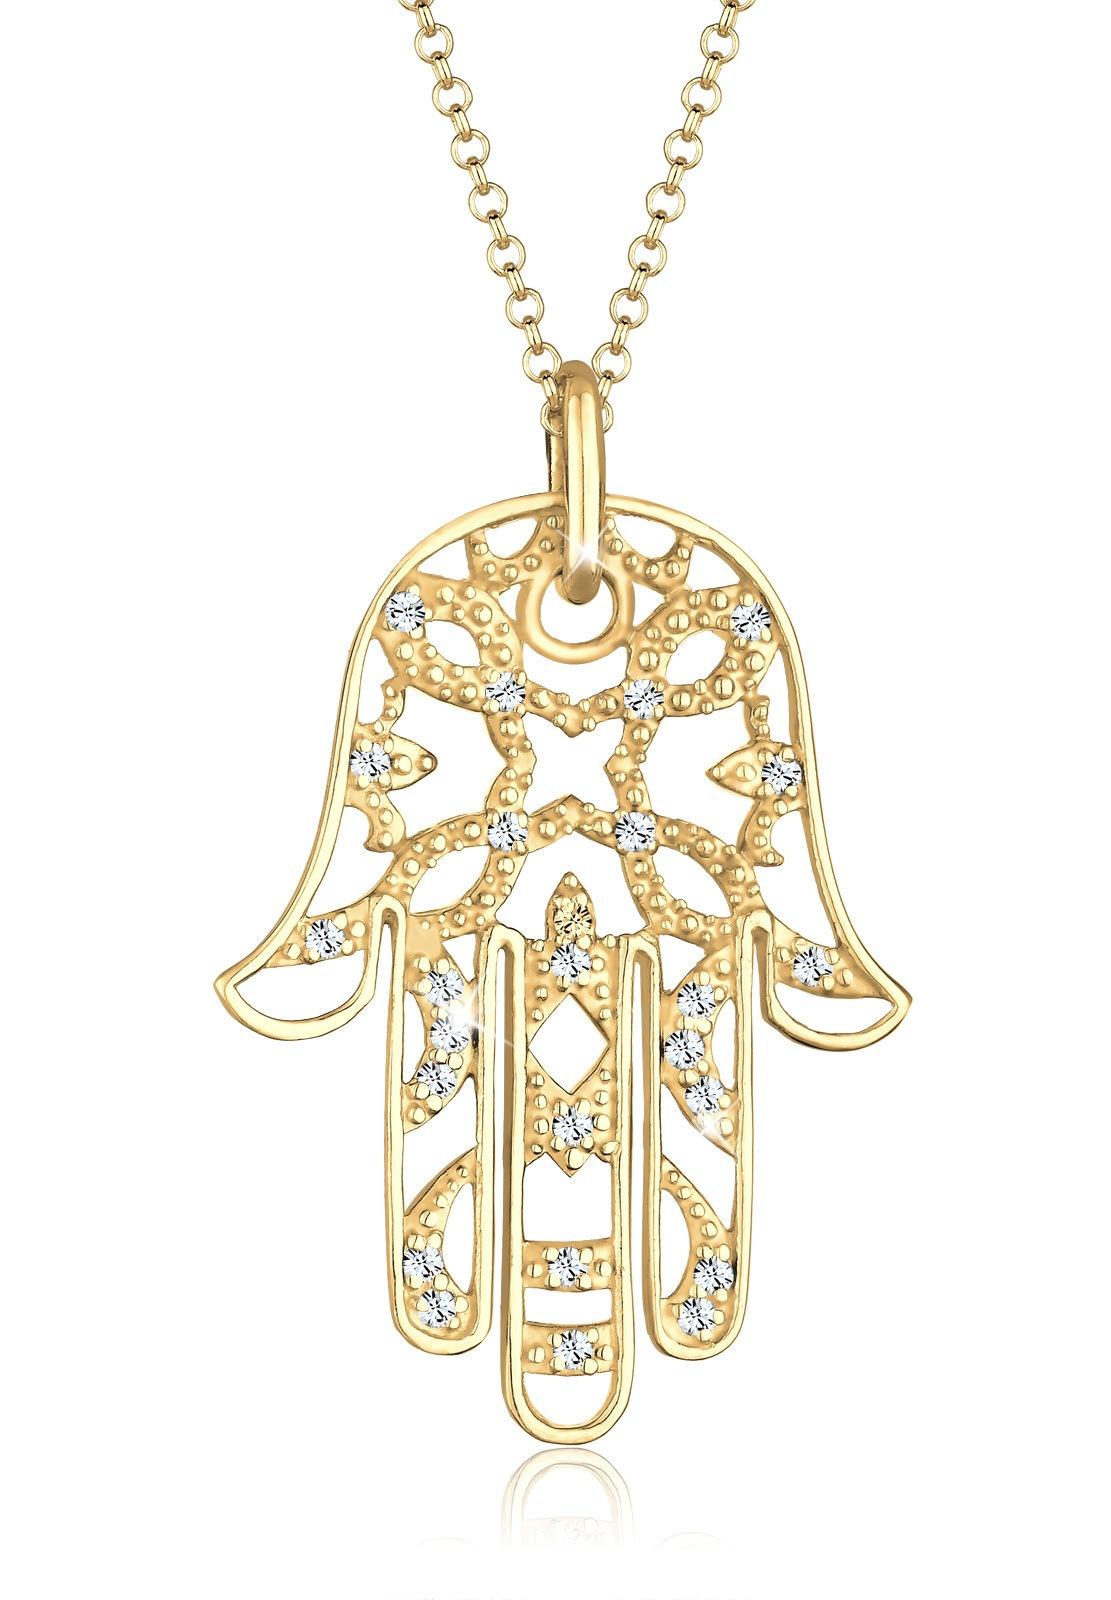 Elli Statementkette »Hamsa Hand Swarovski® Kristalle 925 Silber« bestellen | BAUR